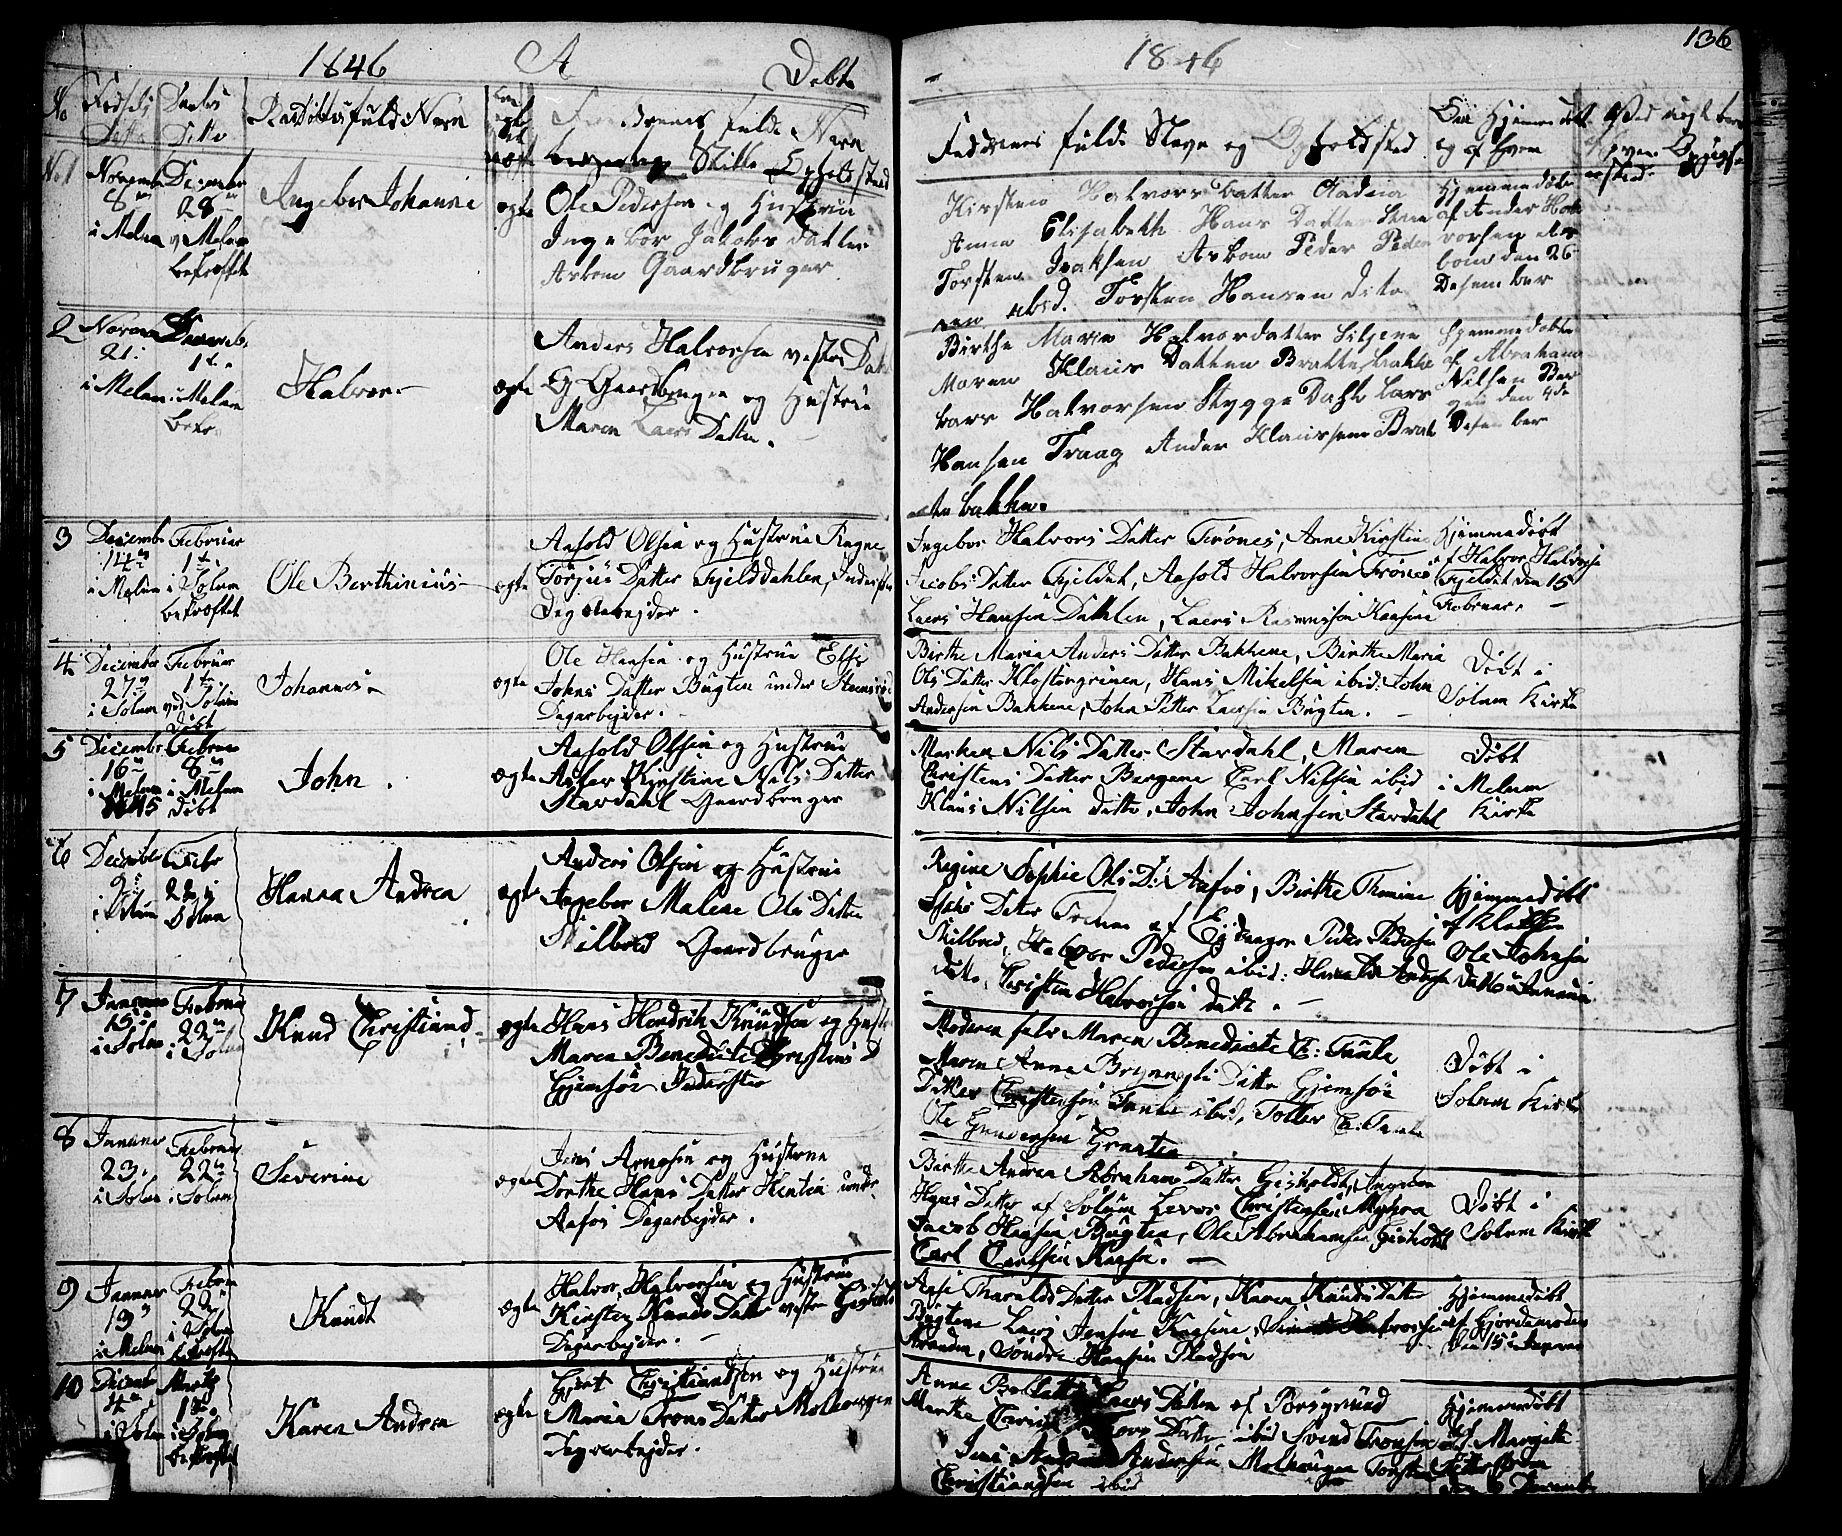 SAKO, Solum kirkebøker, G/Ga/L0002: Klokkerbok nr. I 2, 1834-1848, s. 136